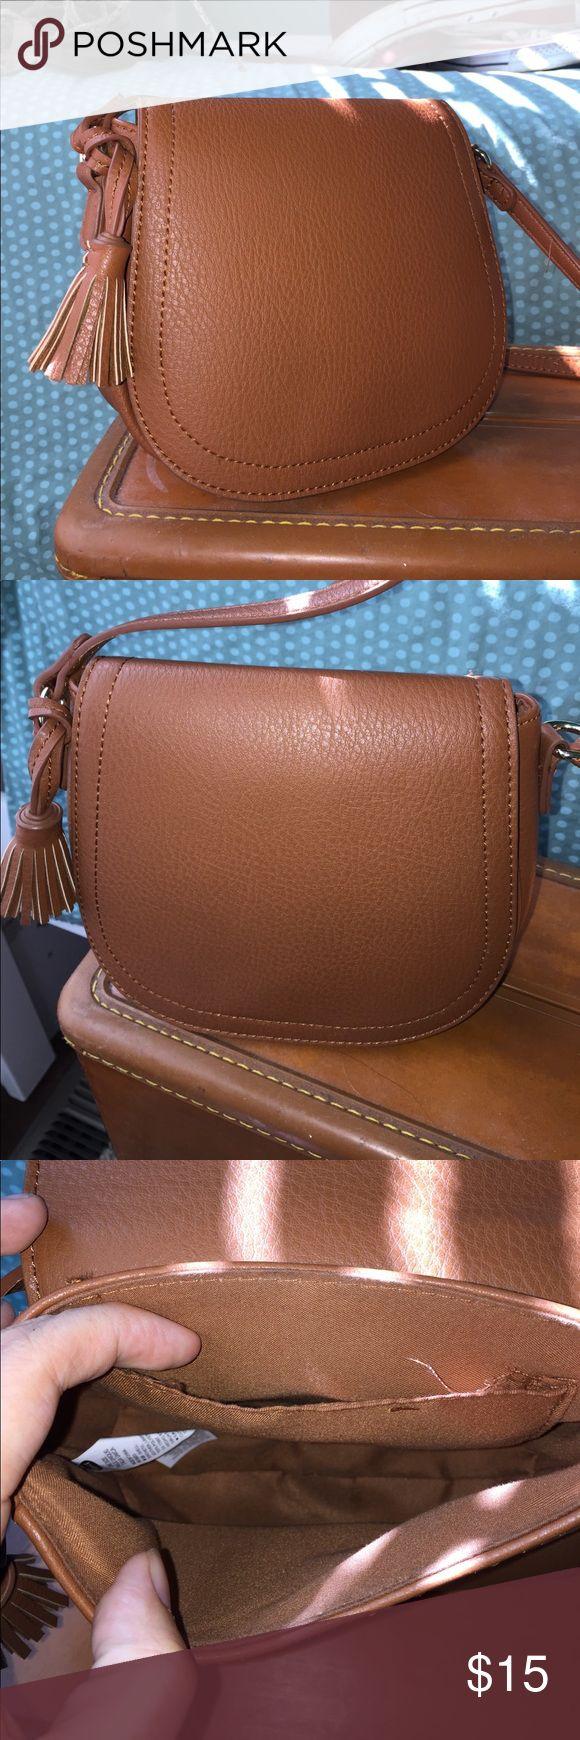 Old Navy Shoulder Bag Gently-used Old Navy purse. Magnetic close, tassel decoration. Excellent condition! Old Navy Bags Shoulder Bags